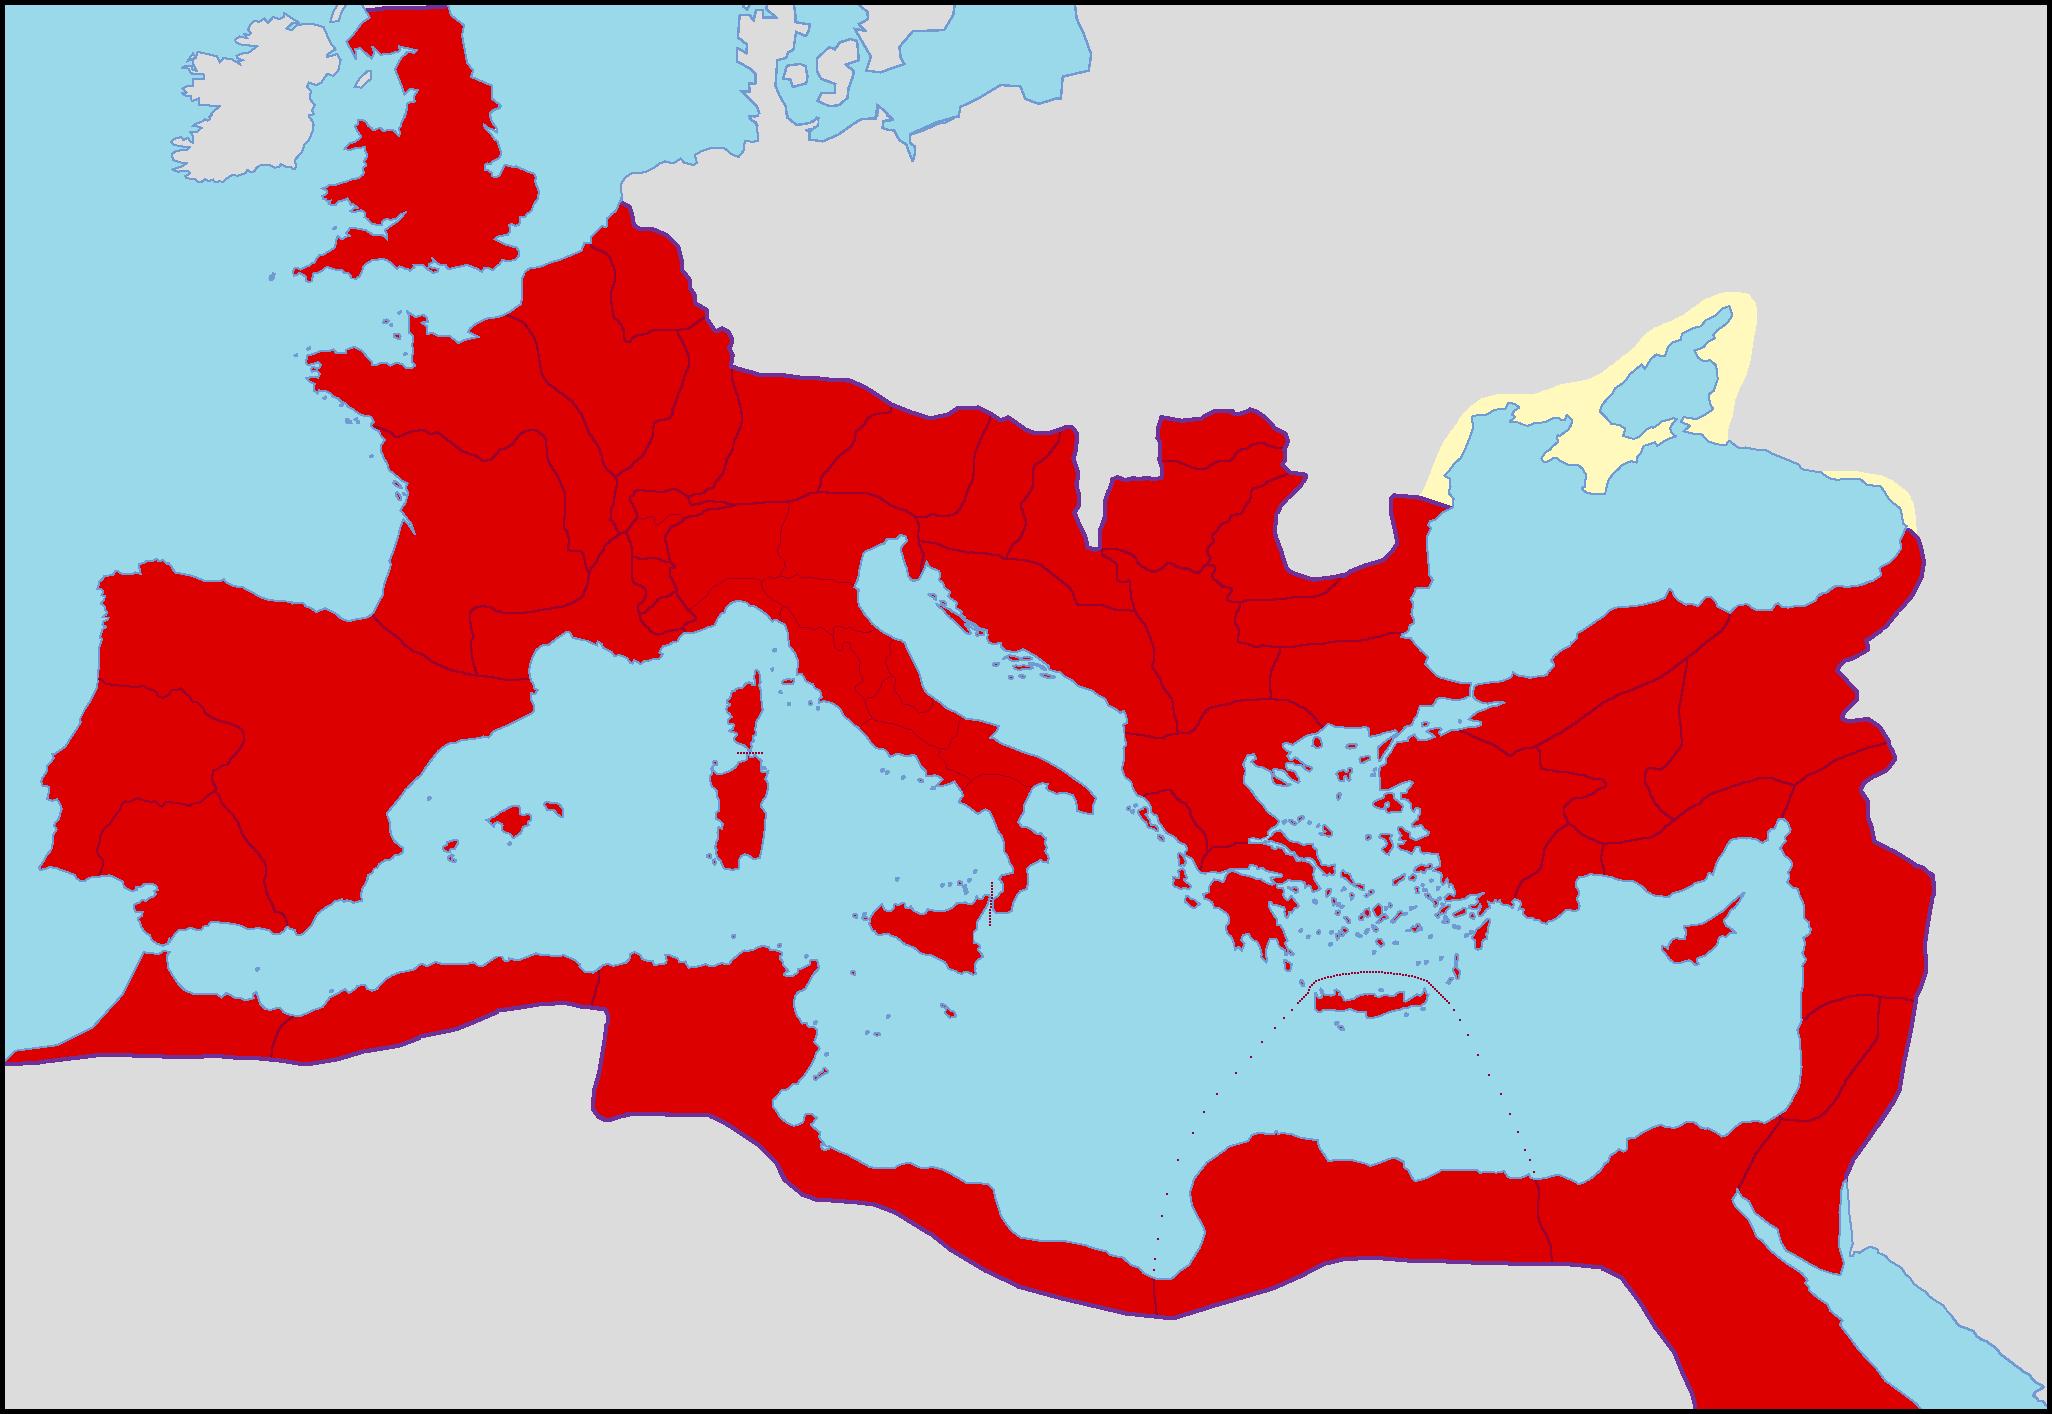 Description roman empire in 150 ad